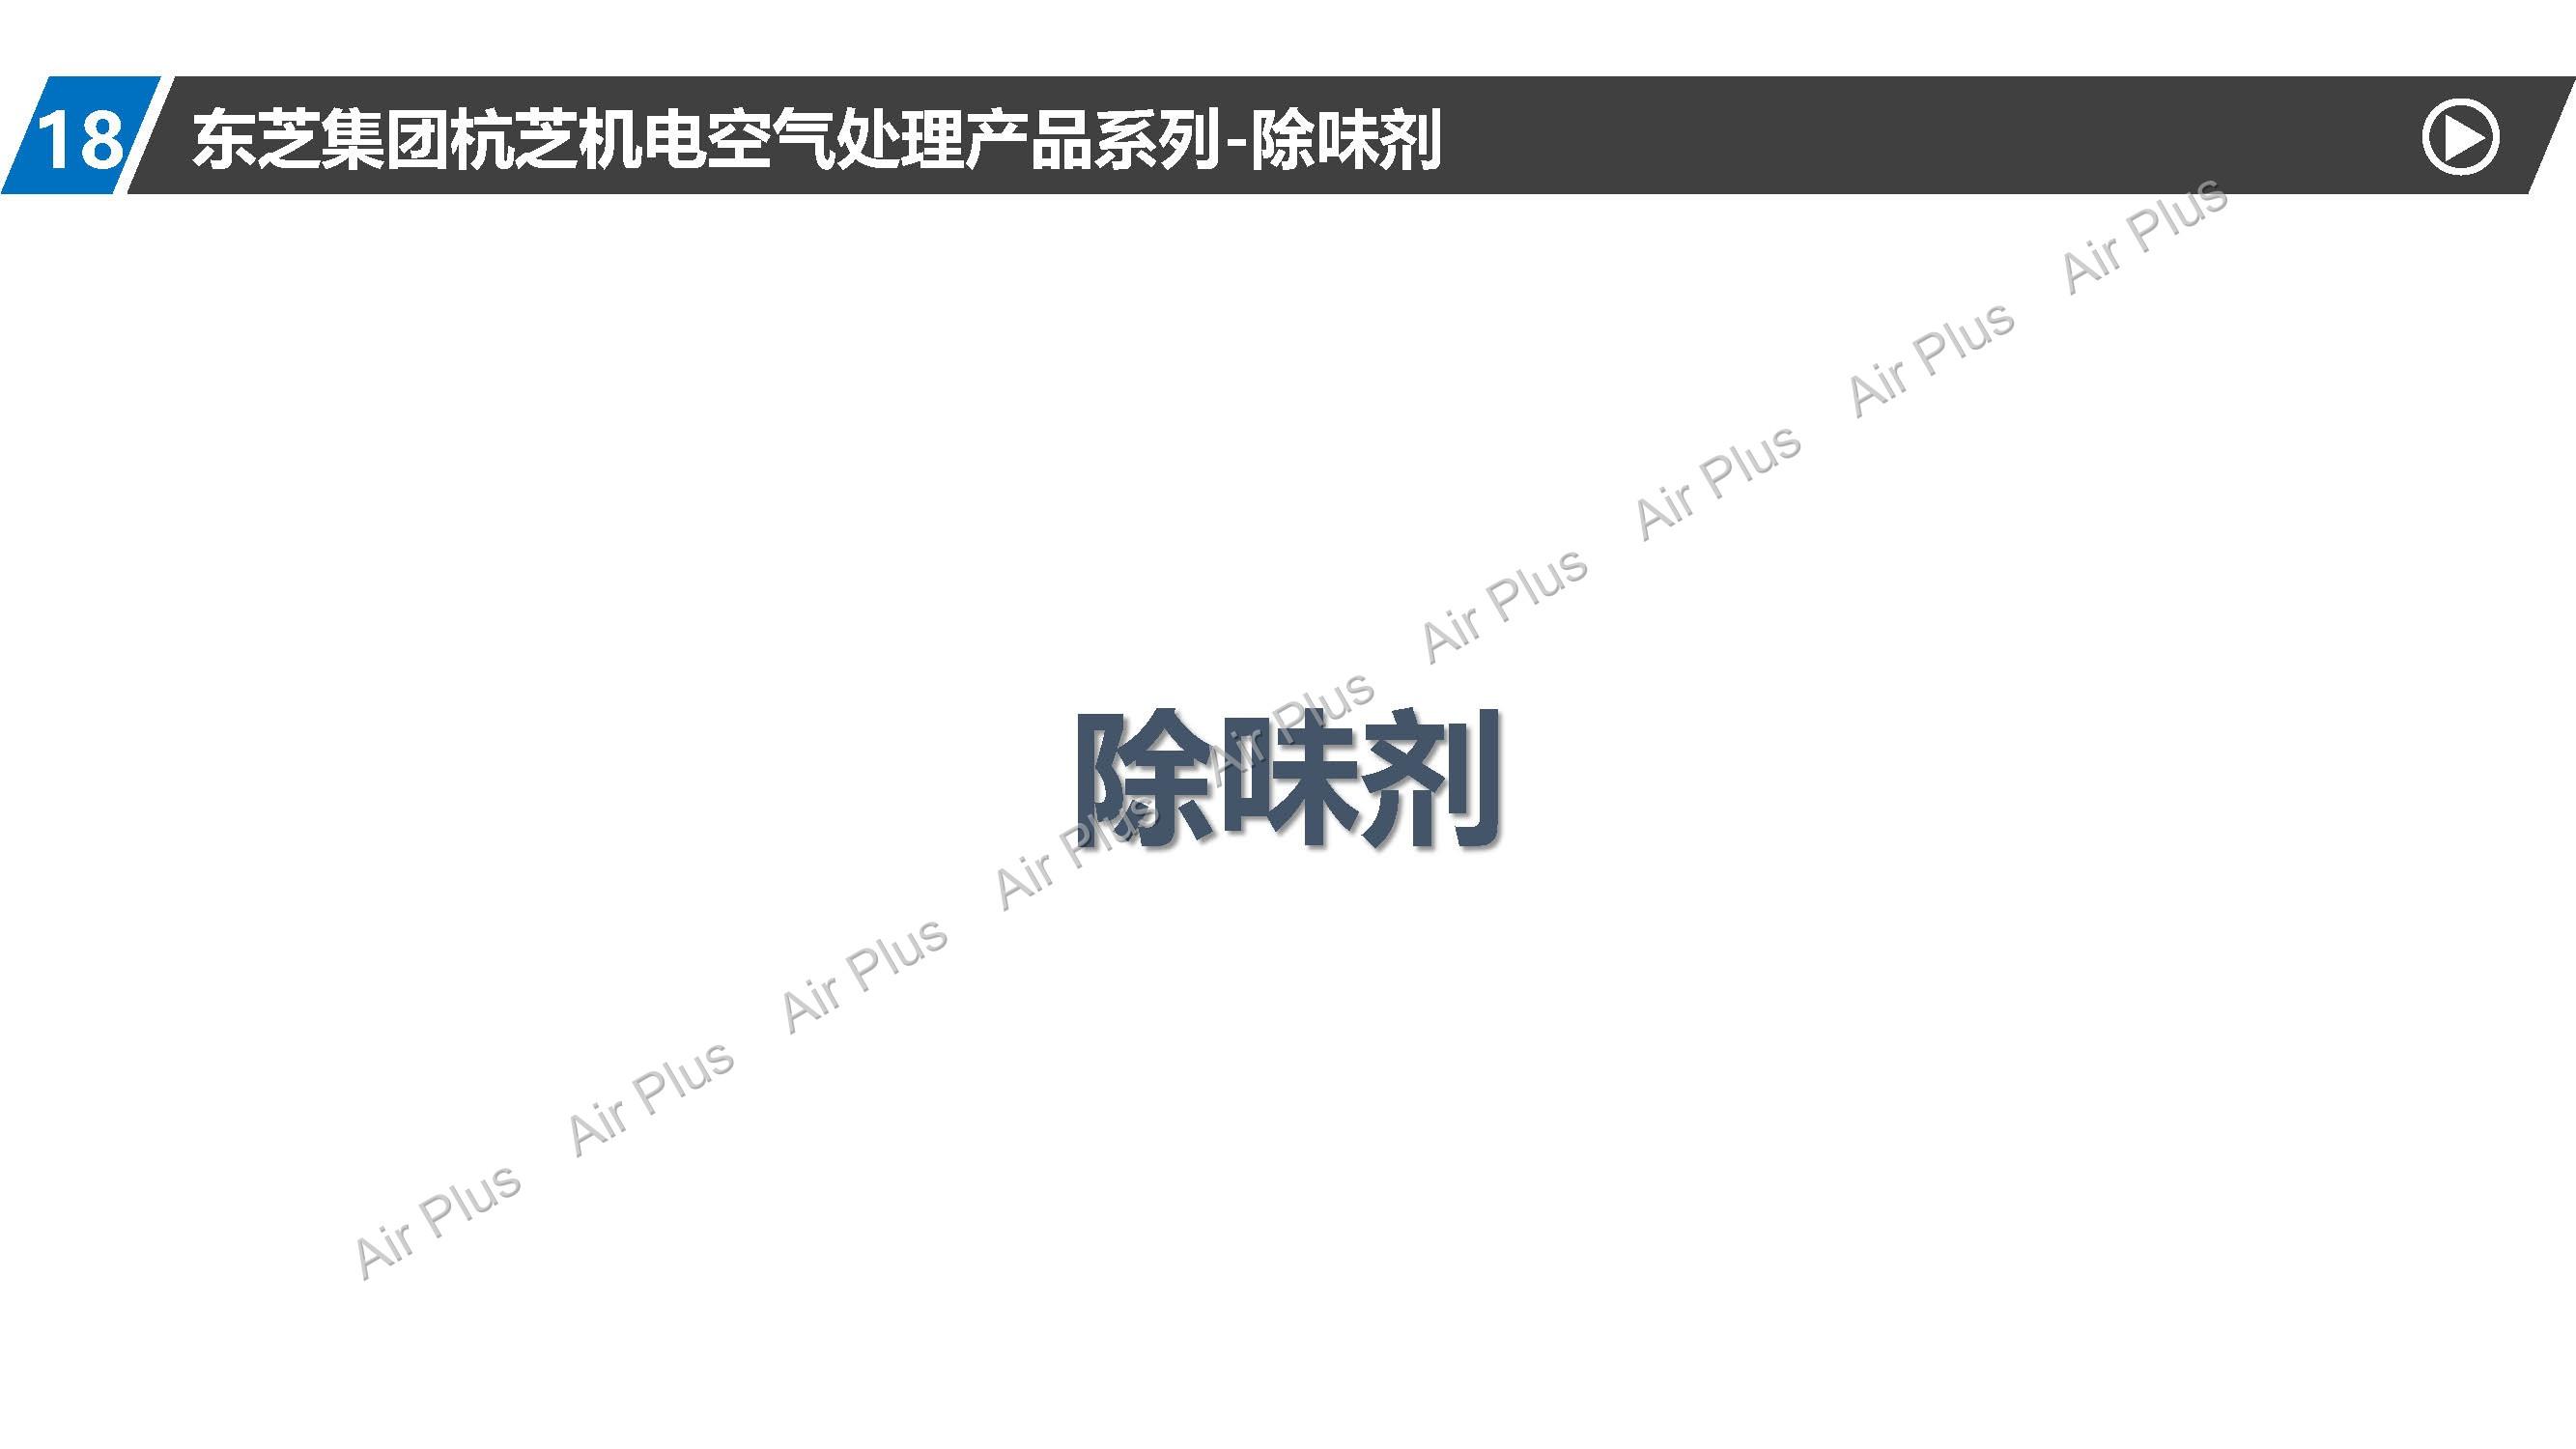 清芝洁空气处理新品介绍简介_页面_15.jpg